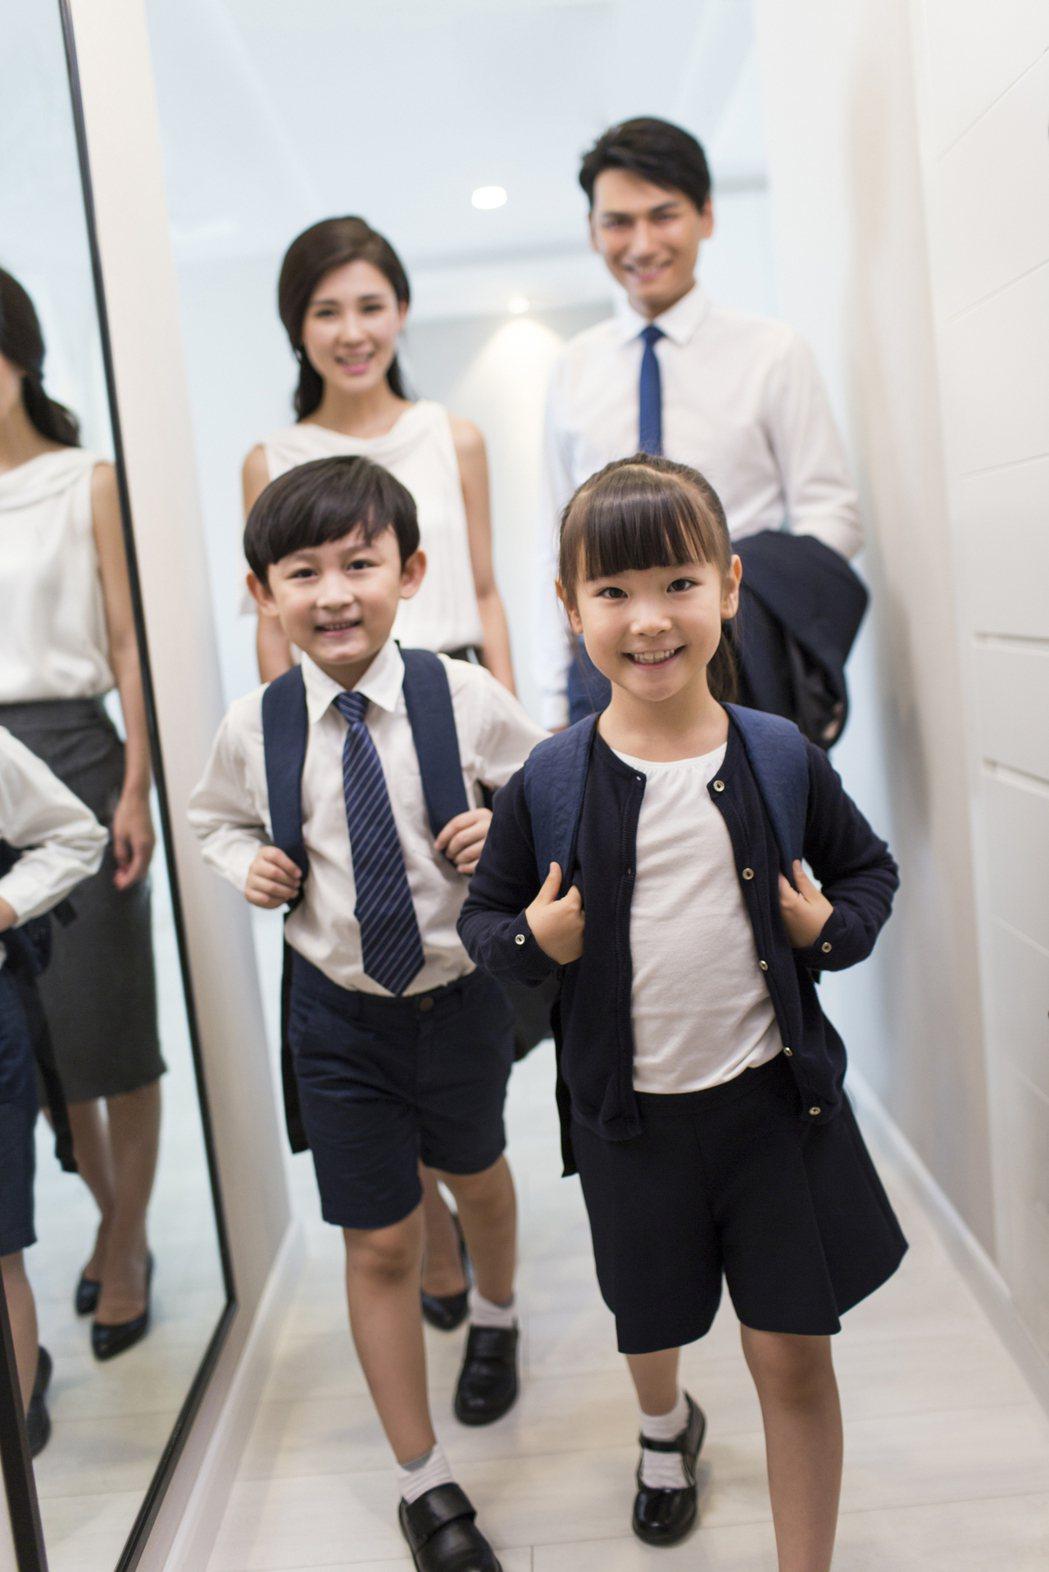 圖說:迎接開學季,全球人壽提醒家長,幫孩子投保首重4原則。 全球人壽/提供